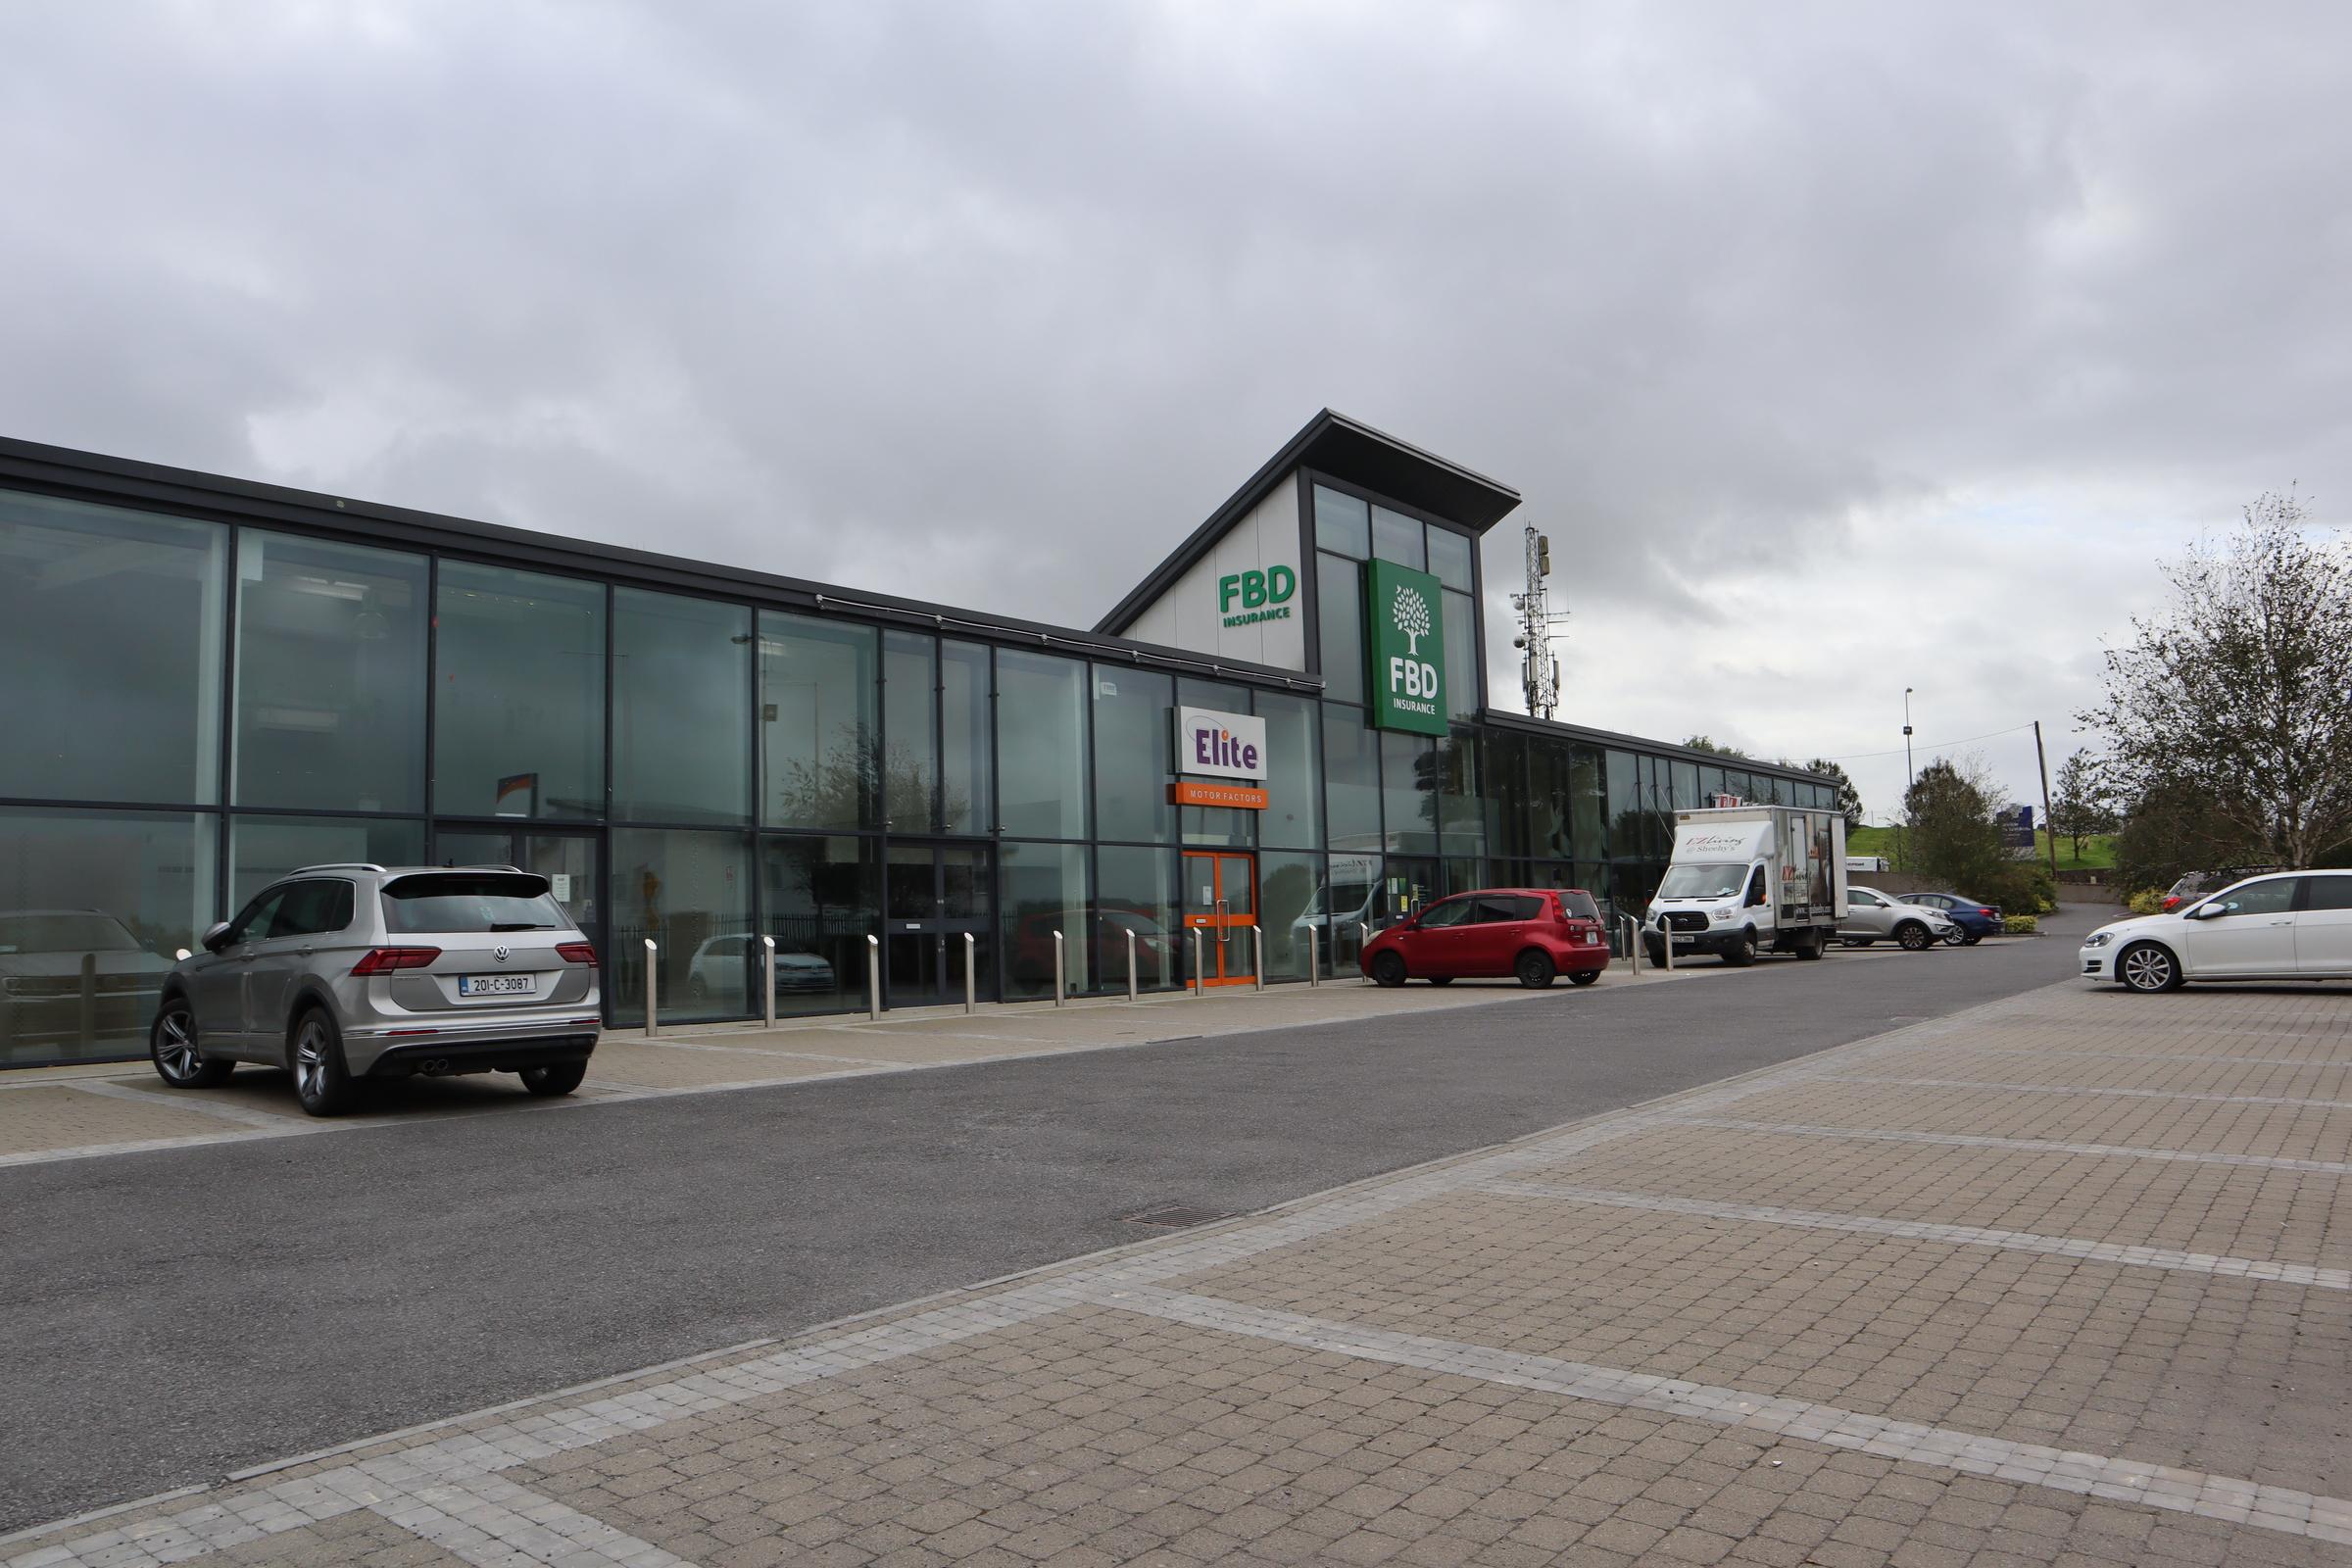 The Bypass Bandon, Bandon, Co. Cork